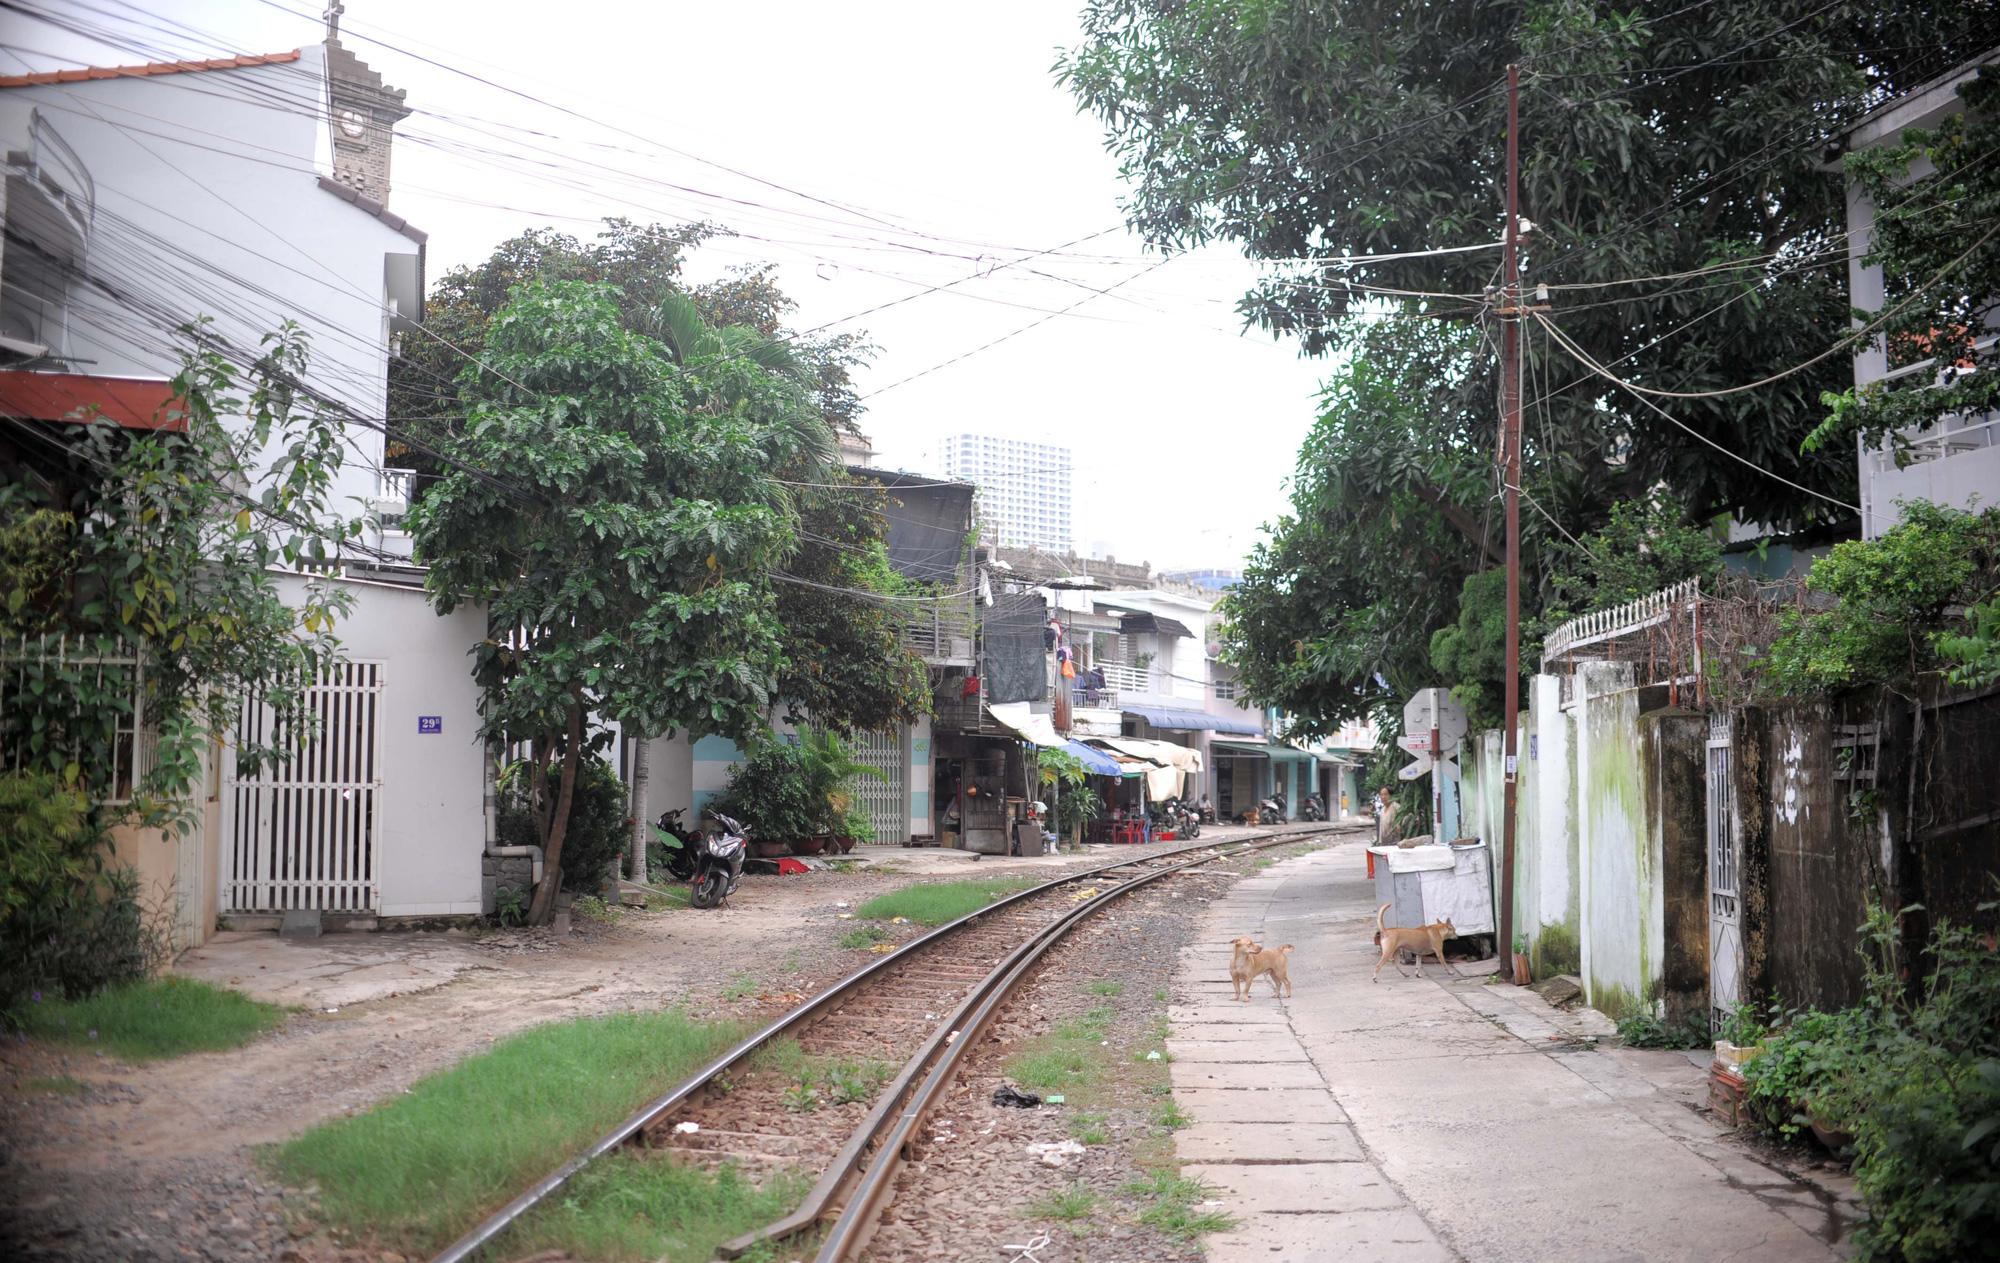 Khánh Hòa: Quĩ đất sau khi dời ga Nha Trang xây khu phức hợp 35 tầng không nằm trong qui hoạch chung của TP - Ảnh 4.